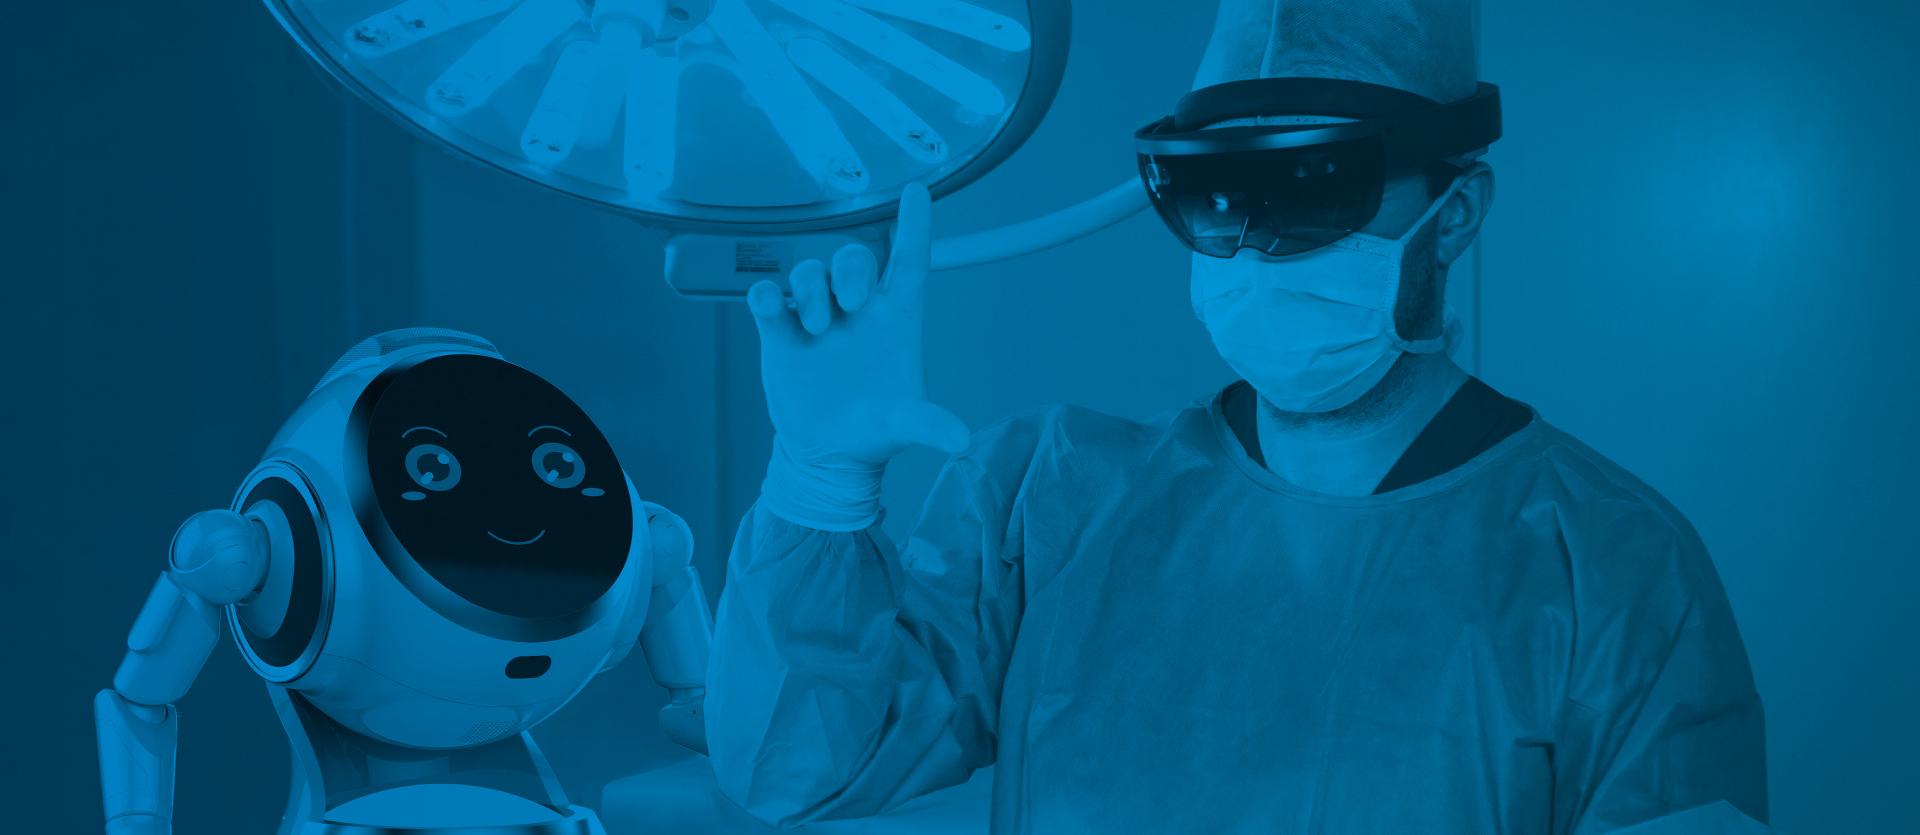 Telemedicina e robotica: la sanità del futuro